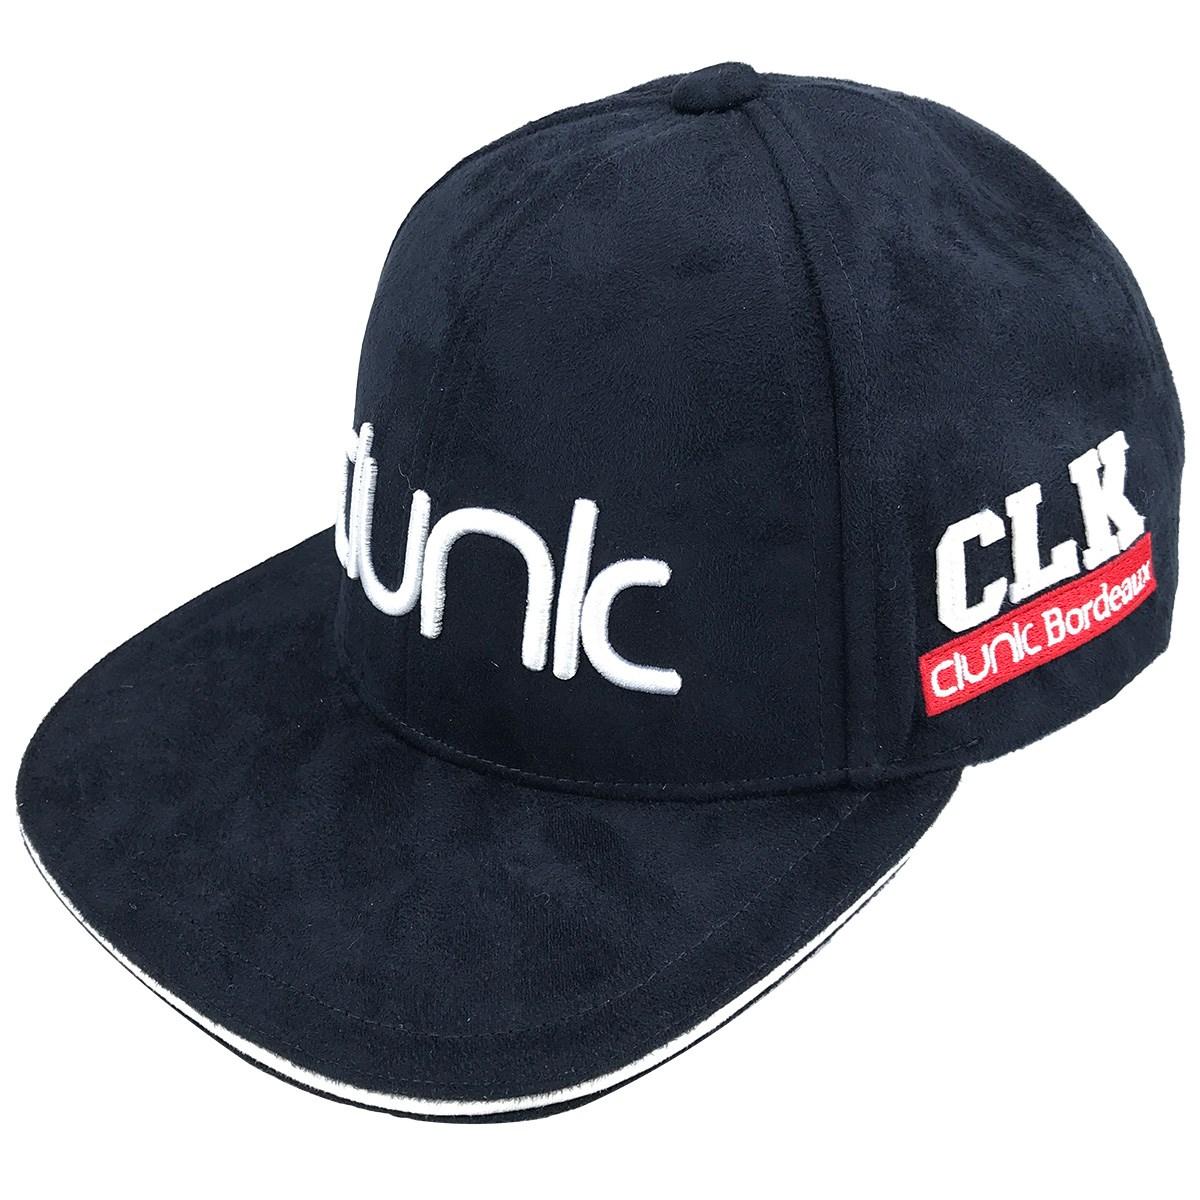 クランク(Clunk) スウェードフラットバイザーキャップ